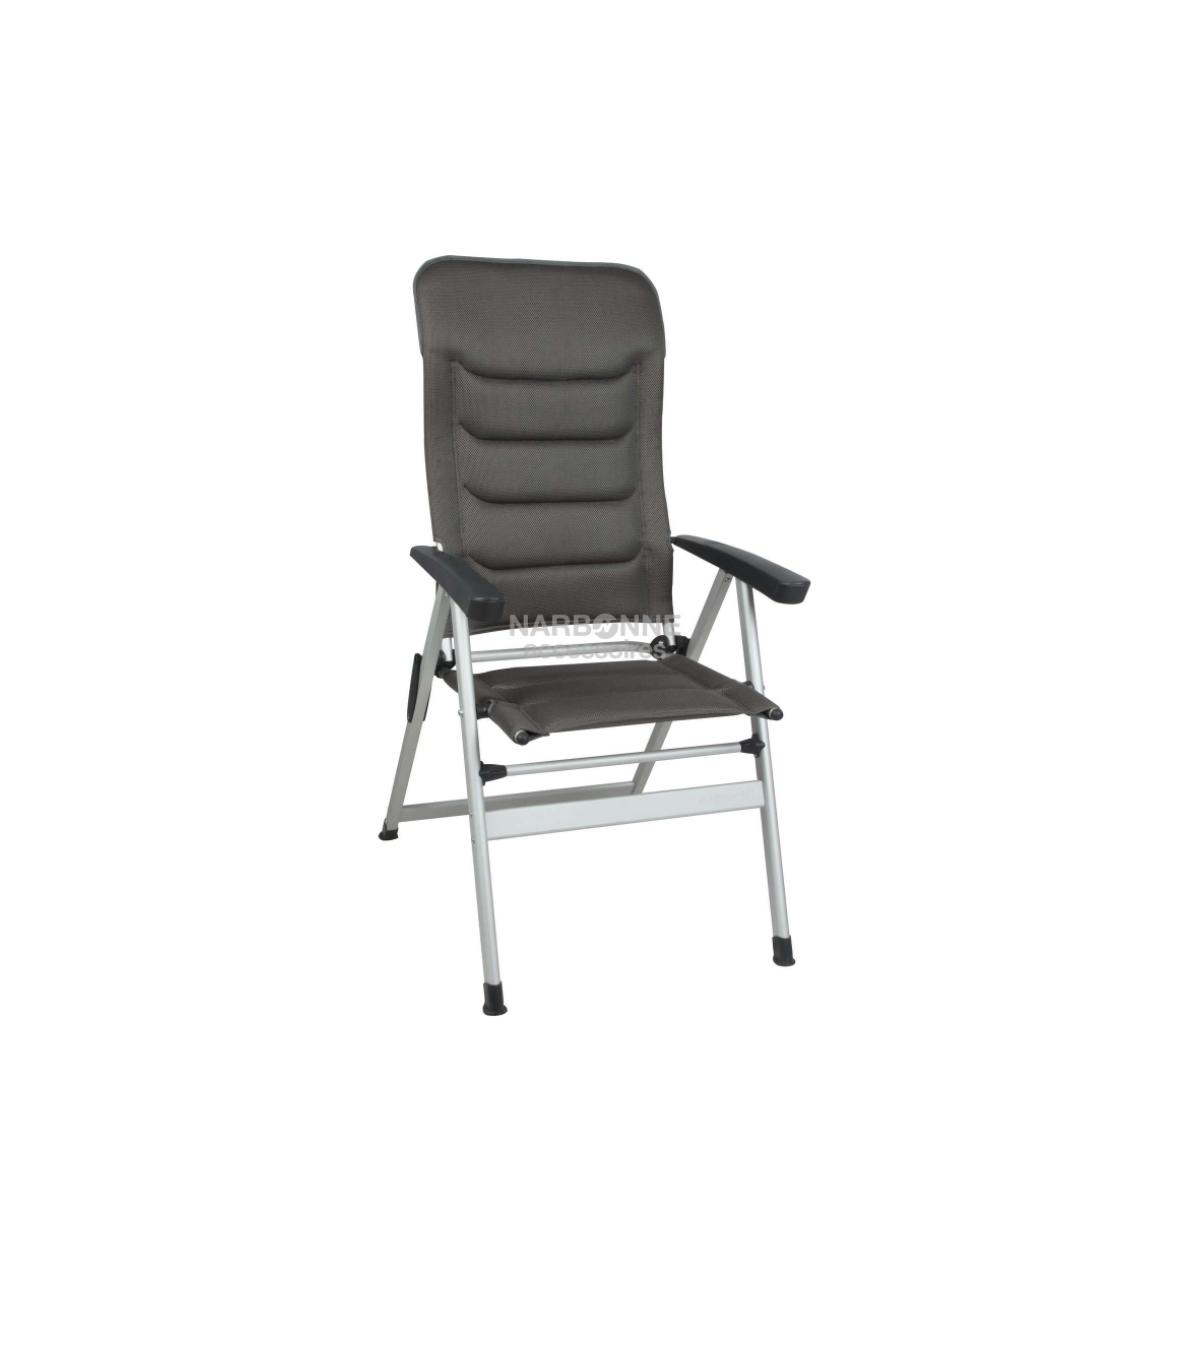 Midland Premium Must Chair